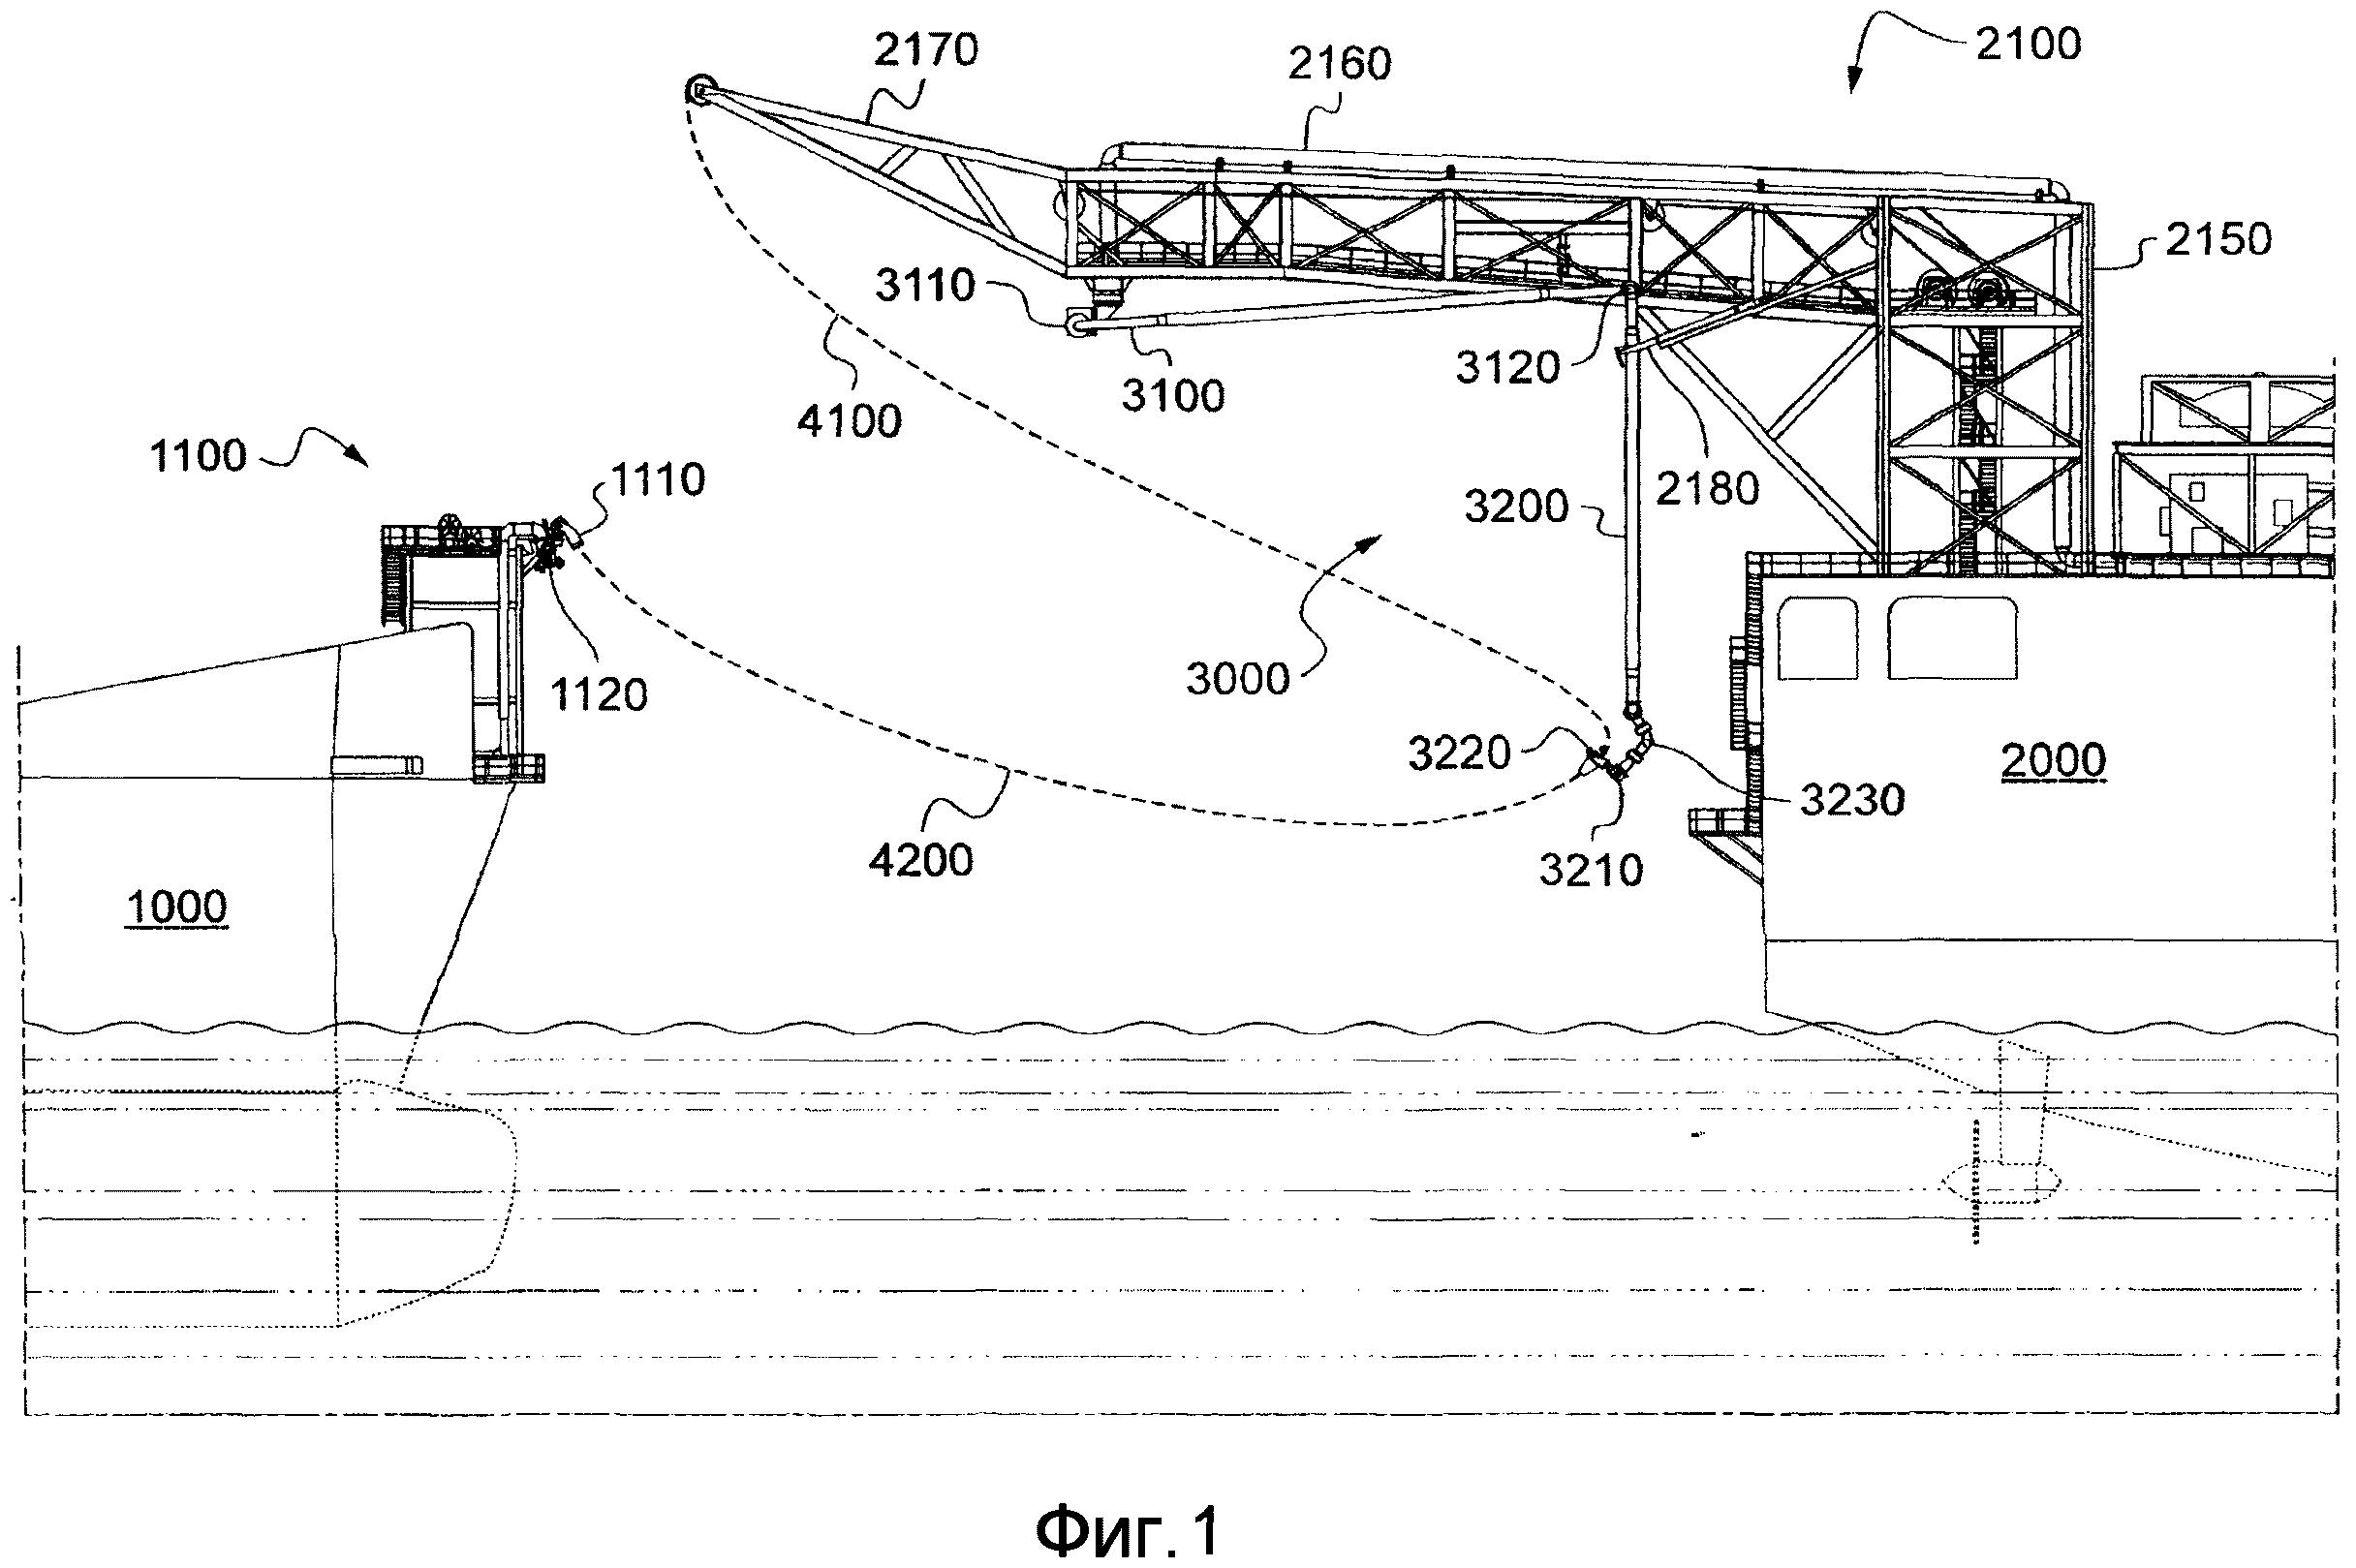 Морская система и способ перекачивания текучей среды